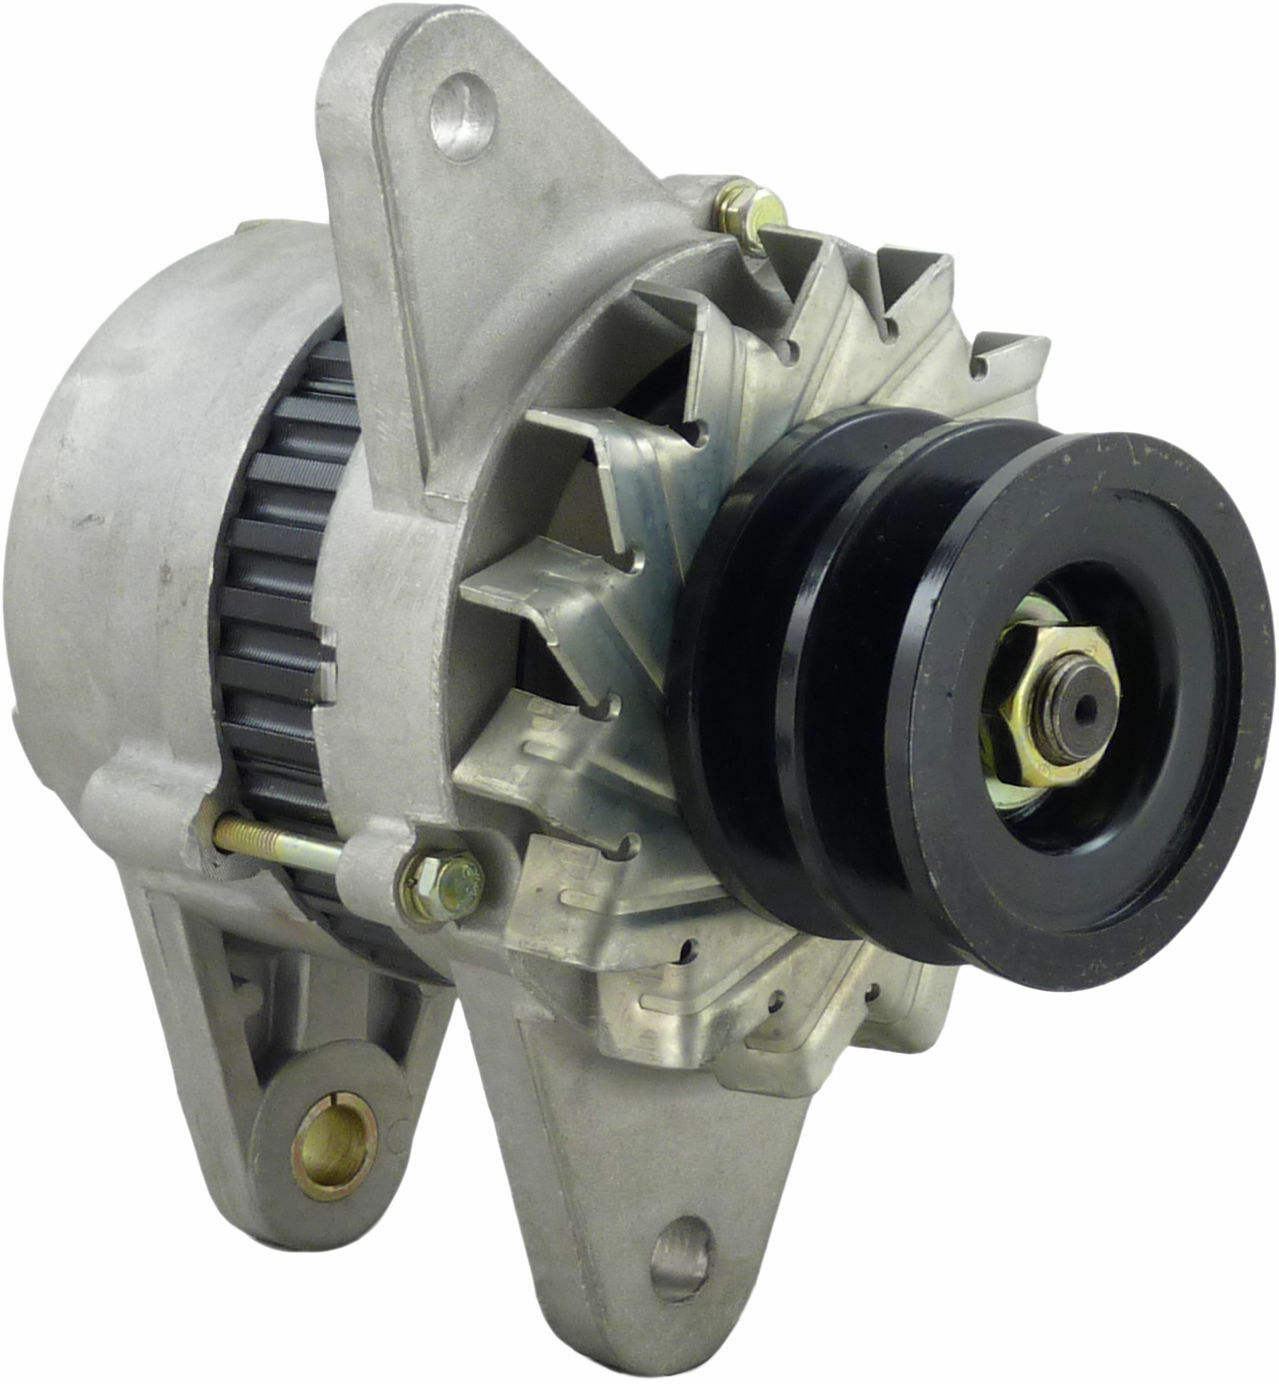 for Hitachi Excavator EX200-5 Isuzu Engine 6BG1 Alternator 1-81200471-0 0-35000-3872 24V